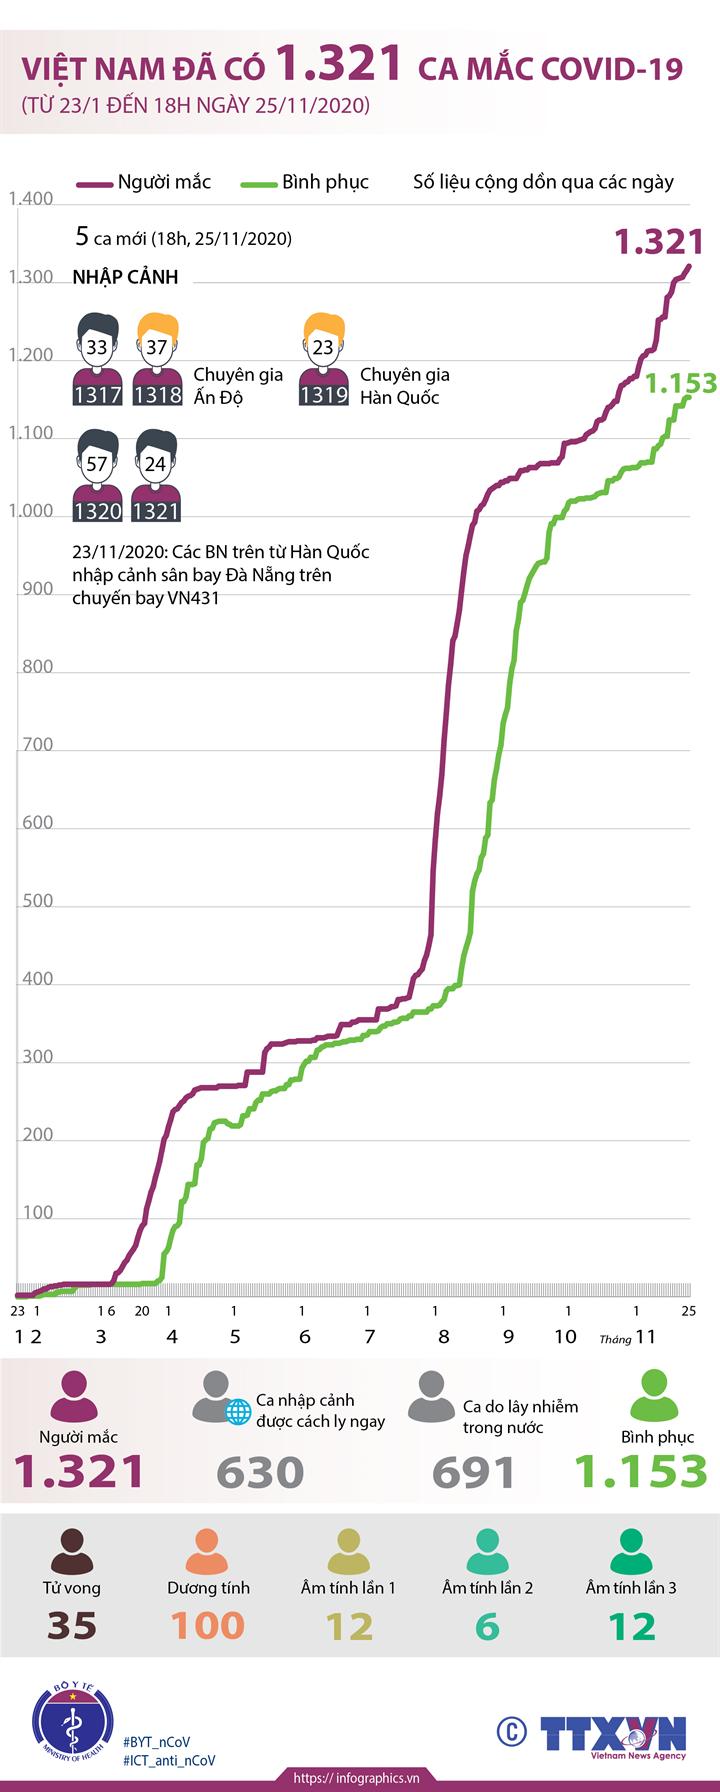 Việt Nam đã có 1.321 ca mắc COVID-19 (từ 23/1 đến 18h ngày 25/11/2020)